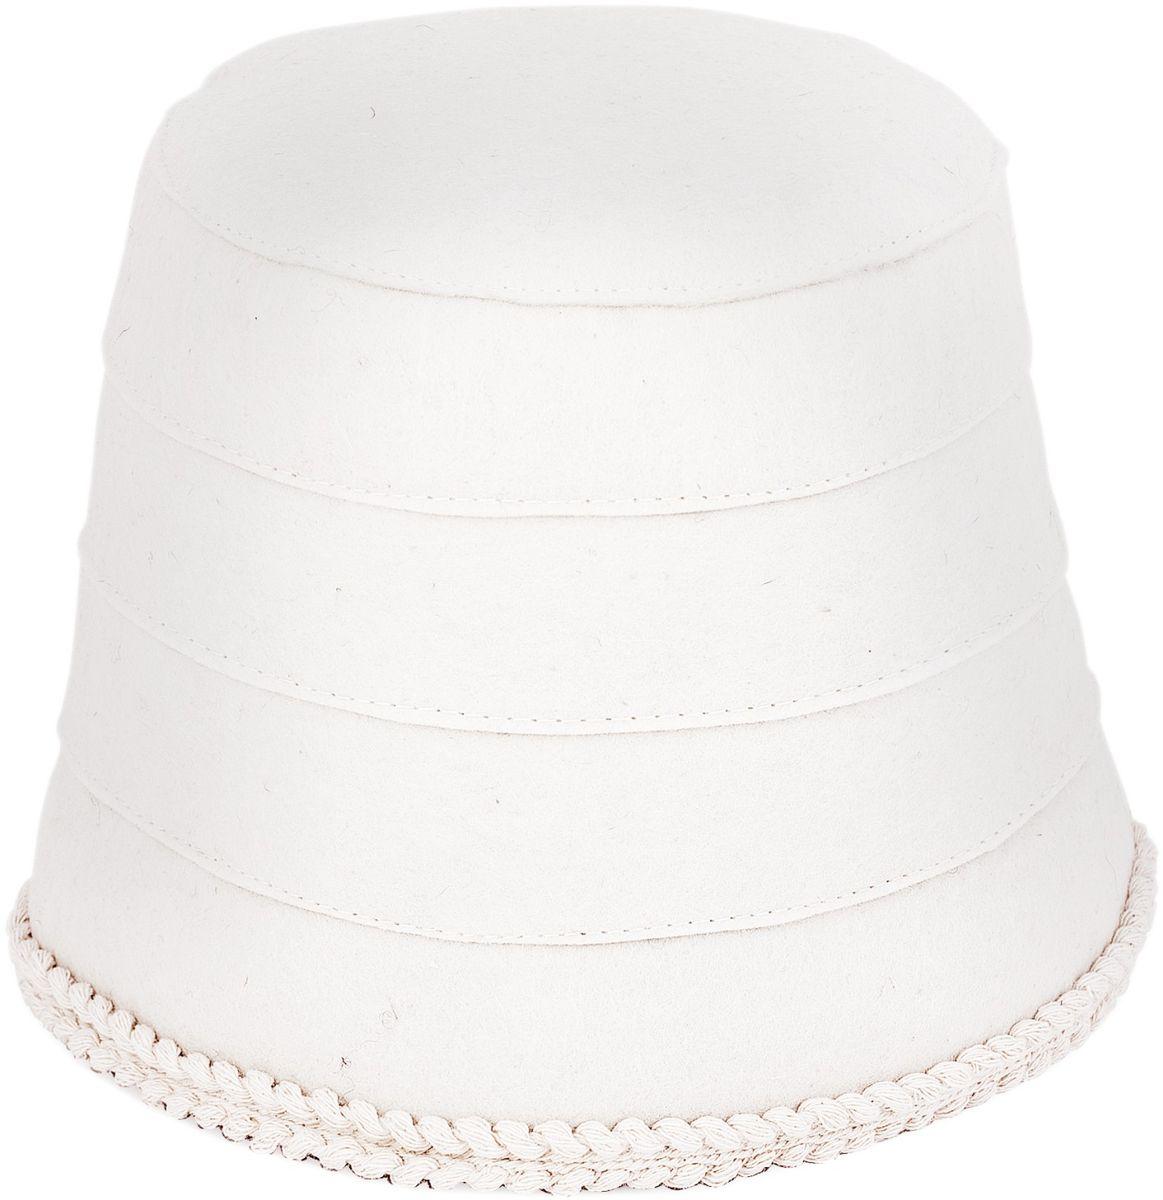 Шапка для бани и сауны Onni (Онни), цвет: бежевый. Размер М. 139139 MИзысканная утонченность шапок Onni (Онни) из натурального фетра, радует идеальной выделкой шерсти, делая их удивительно гигроскопичными, защищает от высоких температур в парной. Особые дизайнерские находки нашли свое воплощение в необычном крое и высокой комфортности изделий.